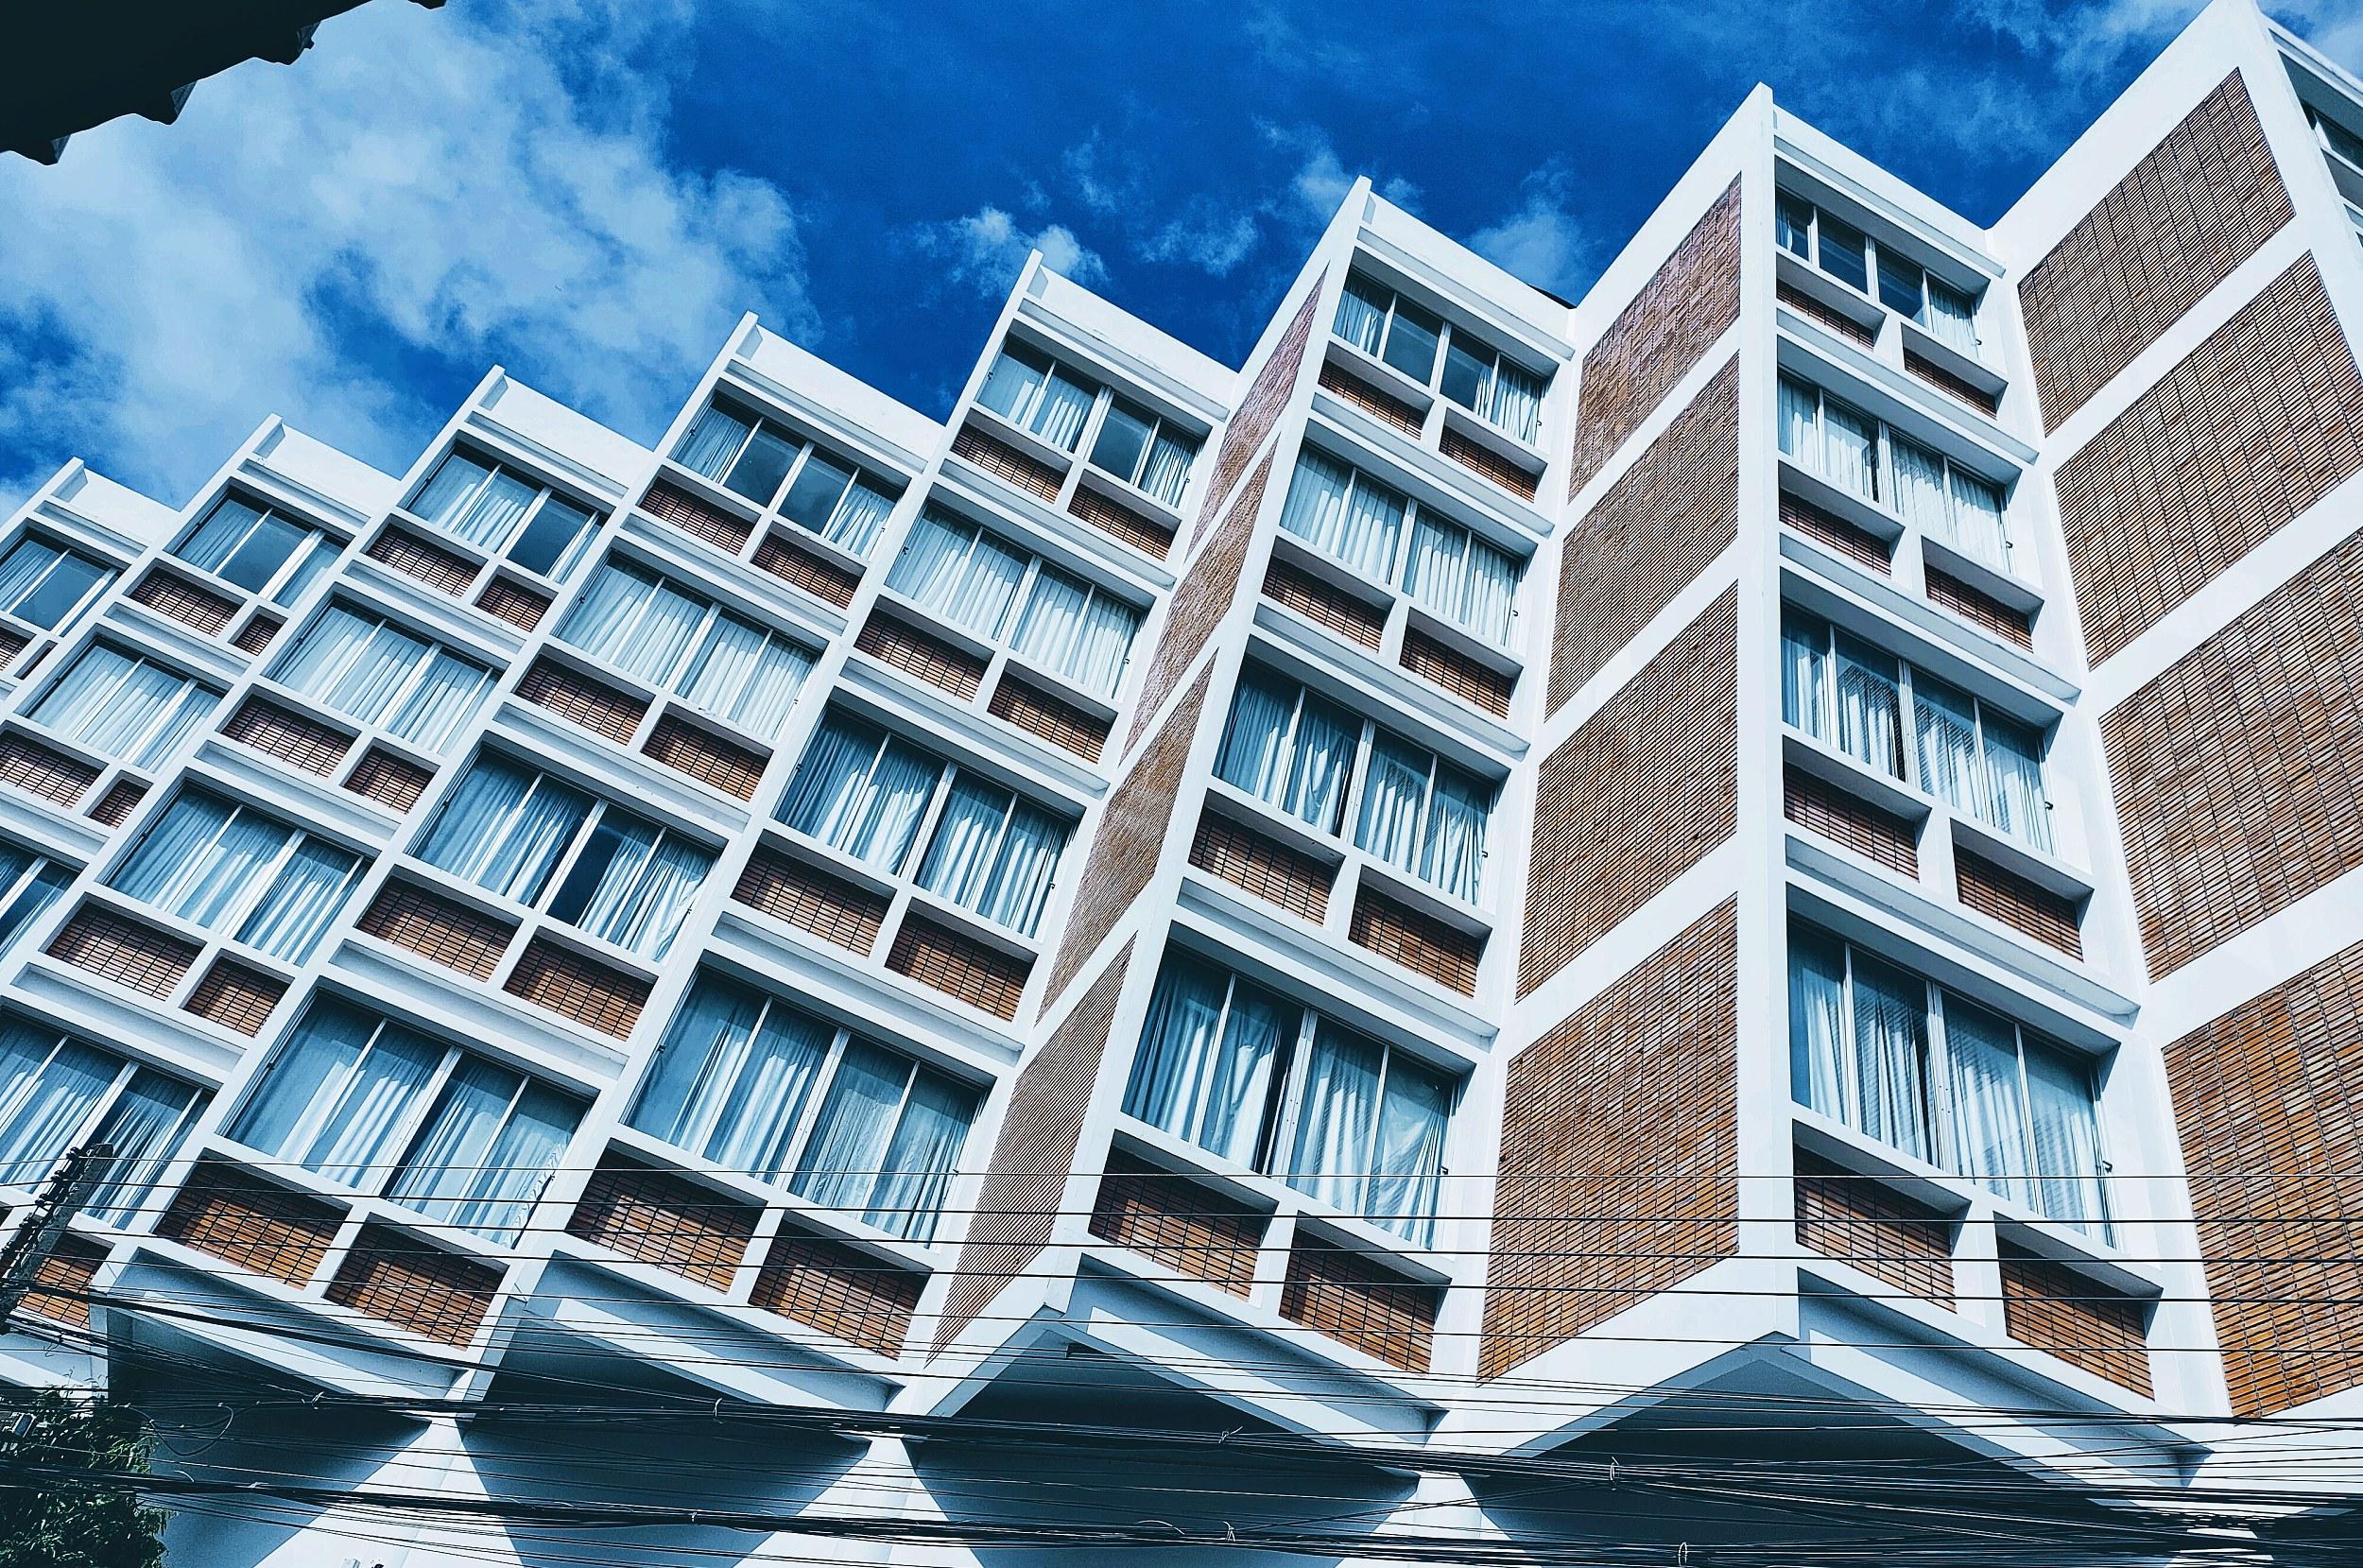 房地产金融迎强监管 中小银行成重点